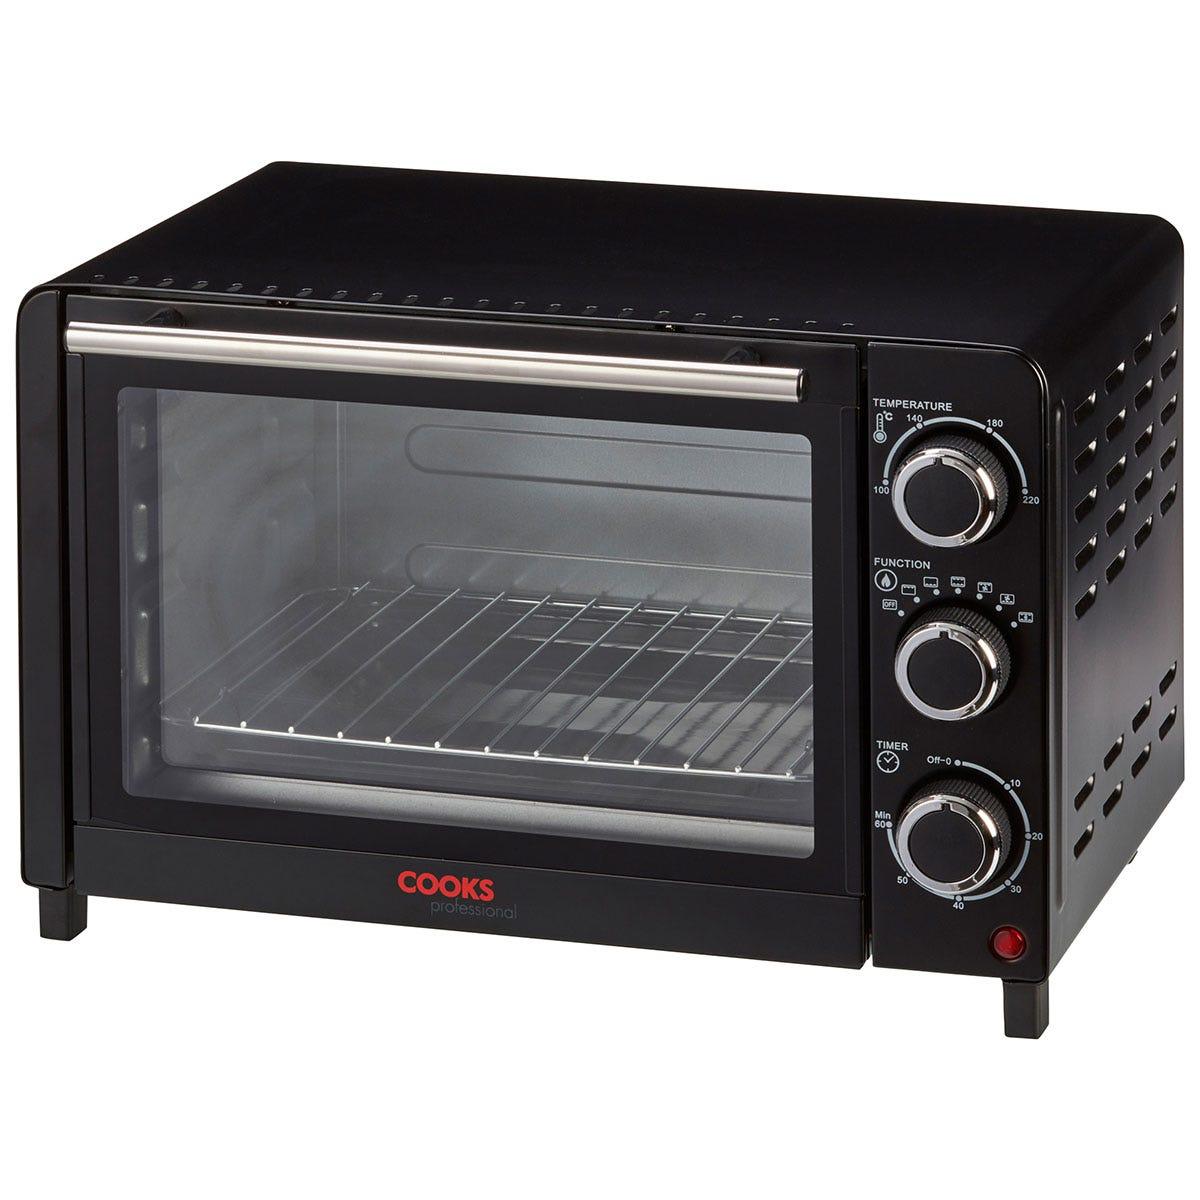 Cooks Professional 20L 1200W Mini Oven - Black